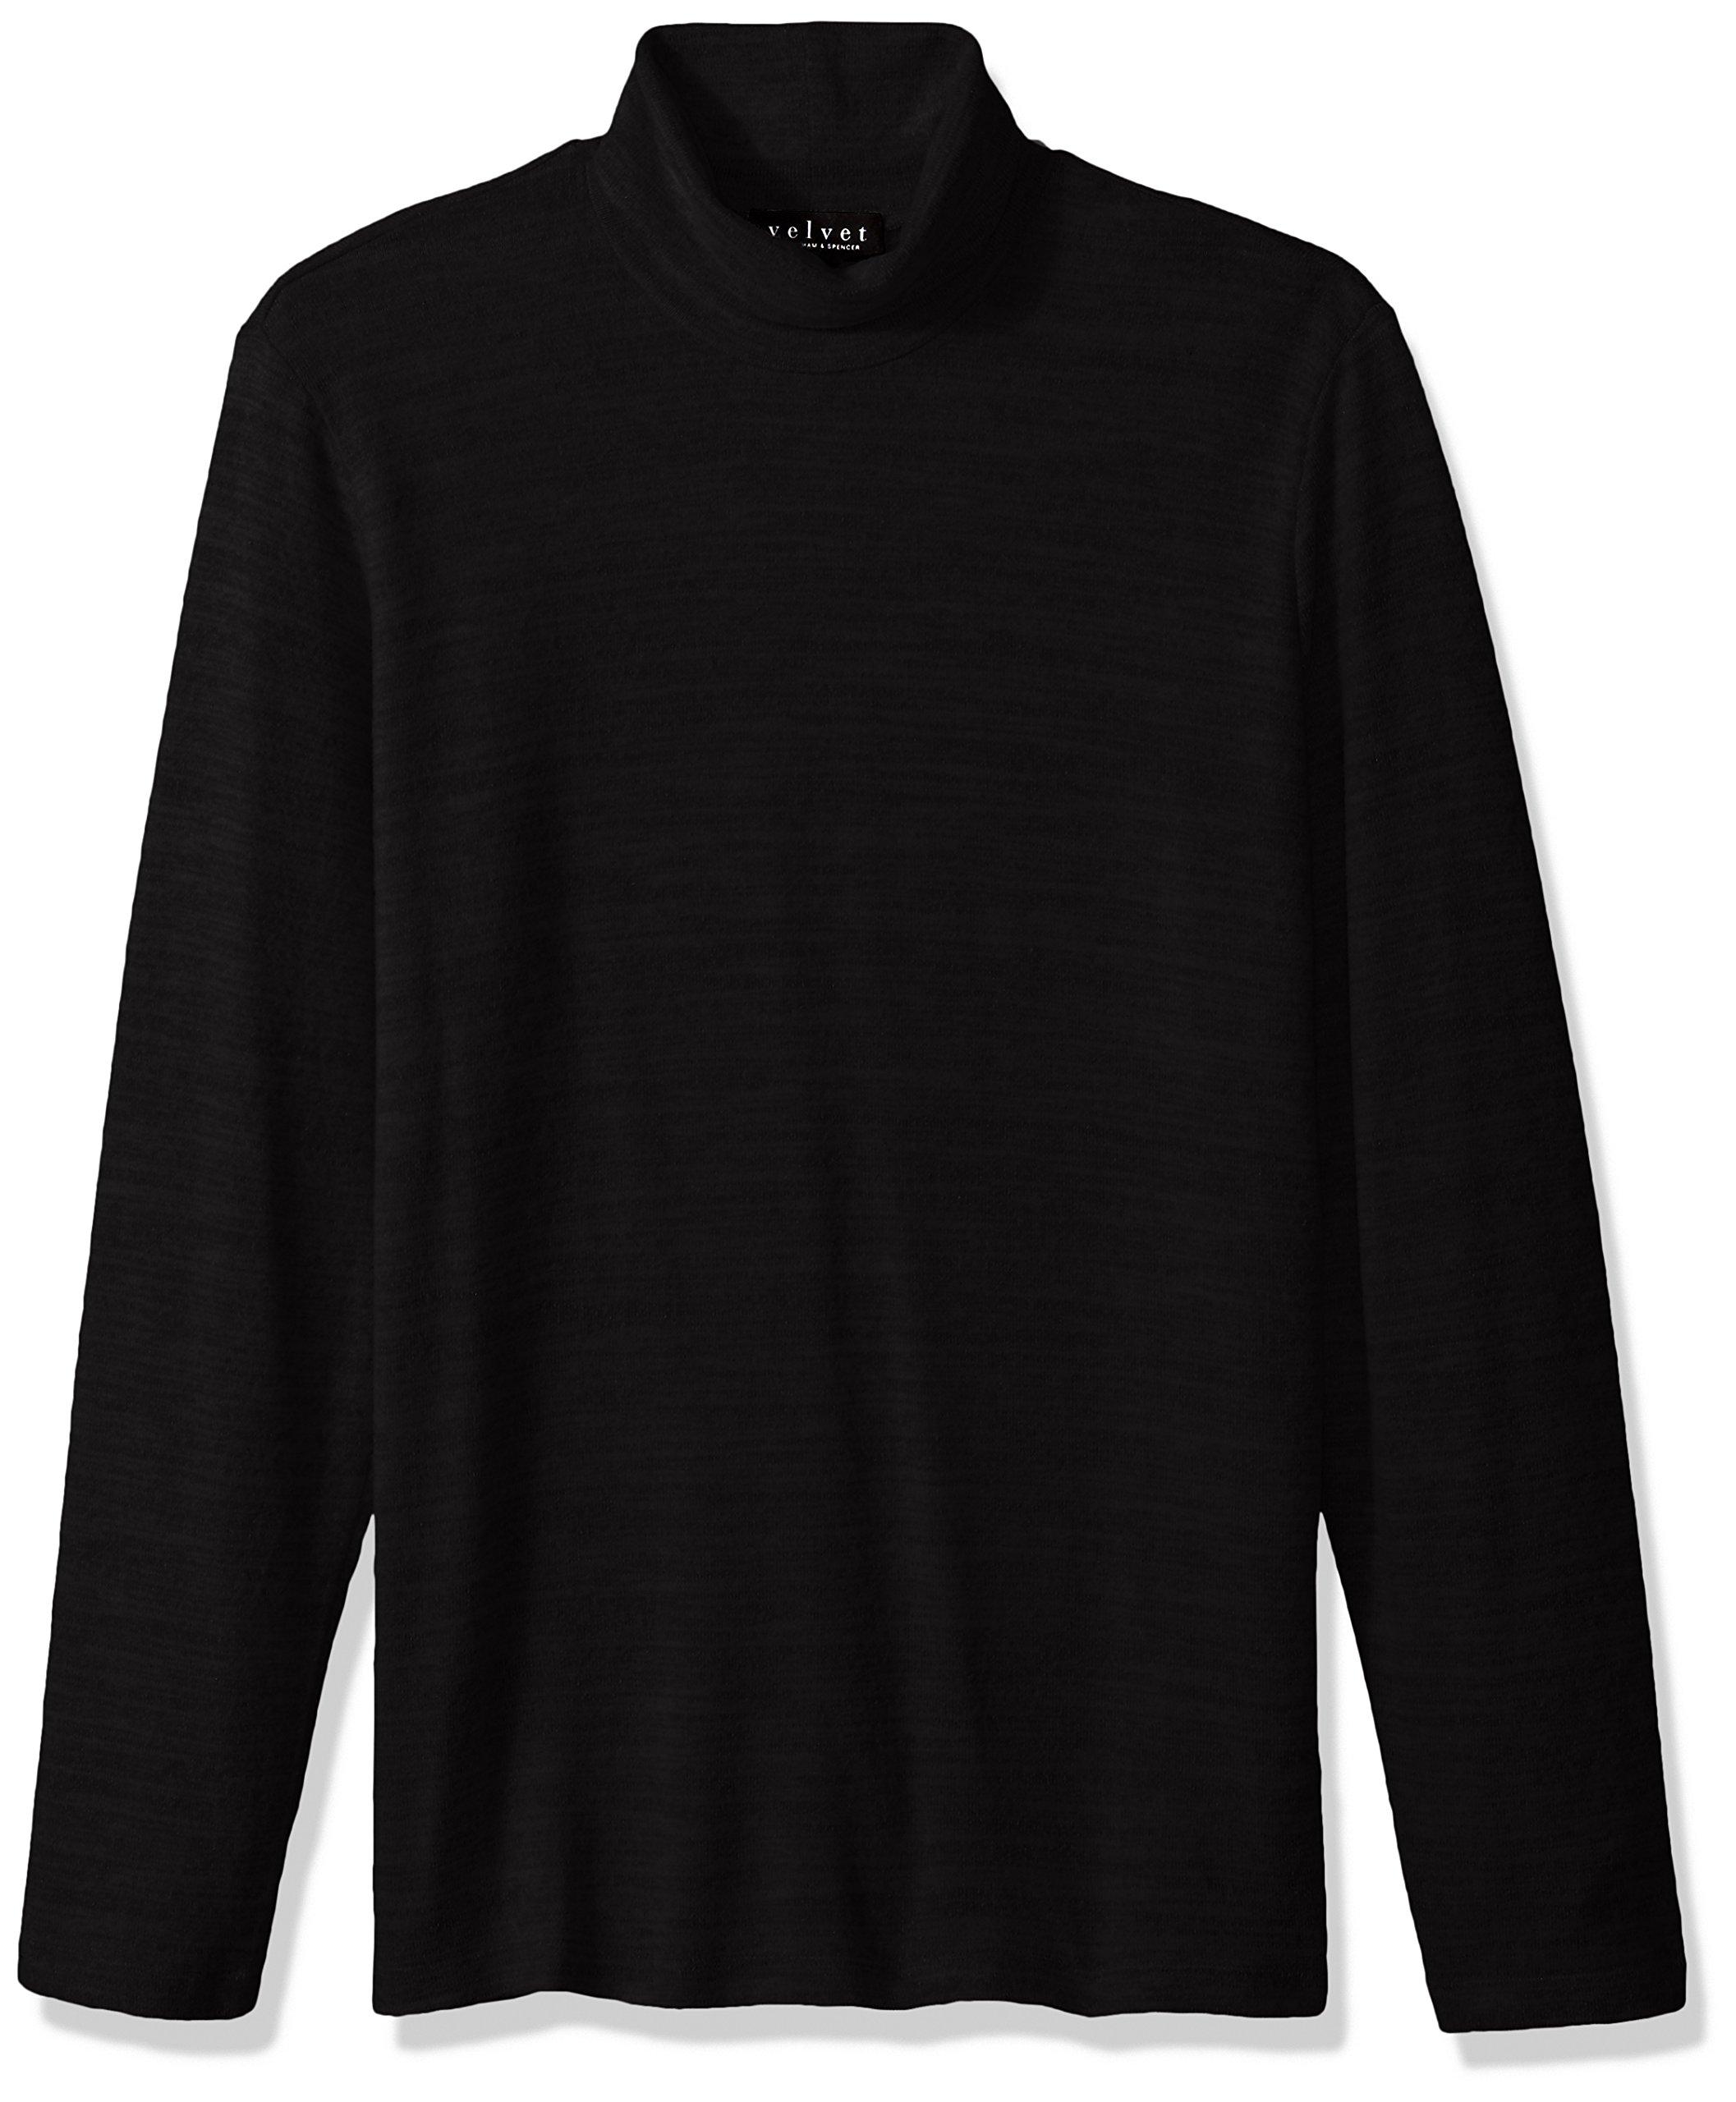 VELVET BY GRAHAM & SPENCER Men's Velvet Yale Turtleneck in Cozy Jersey, Black, Large